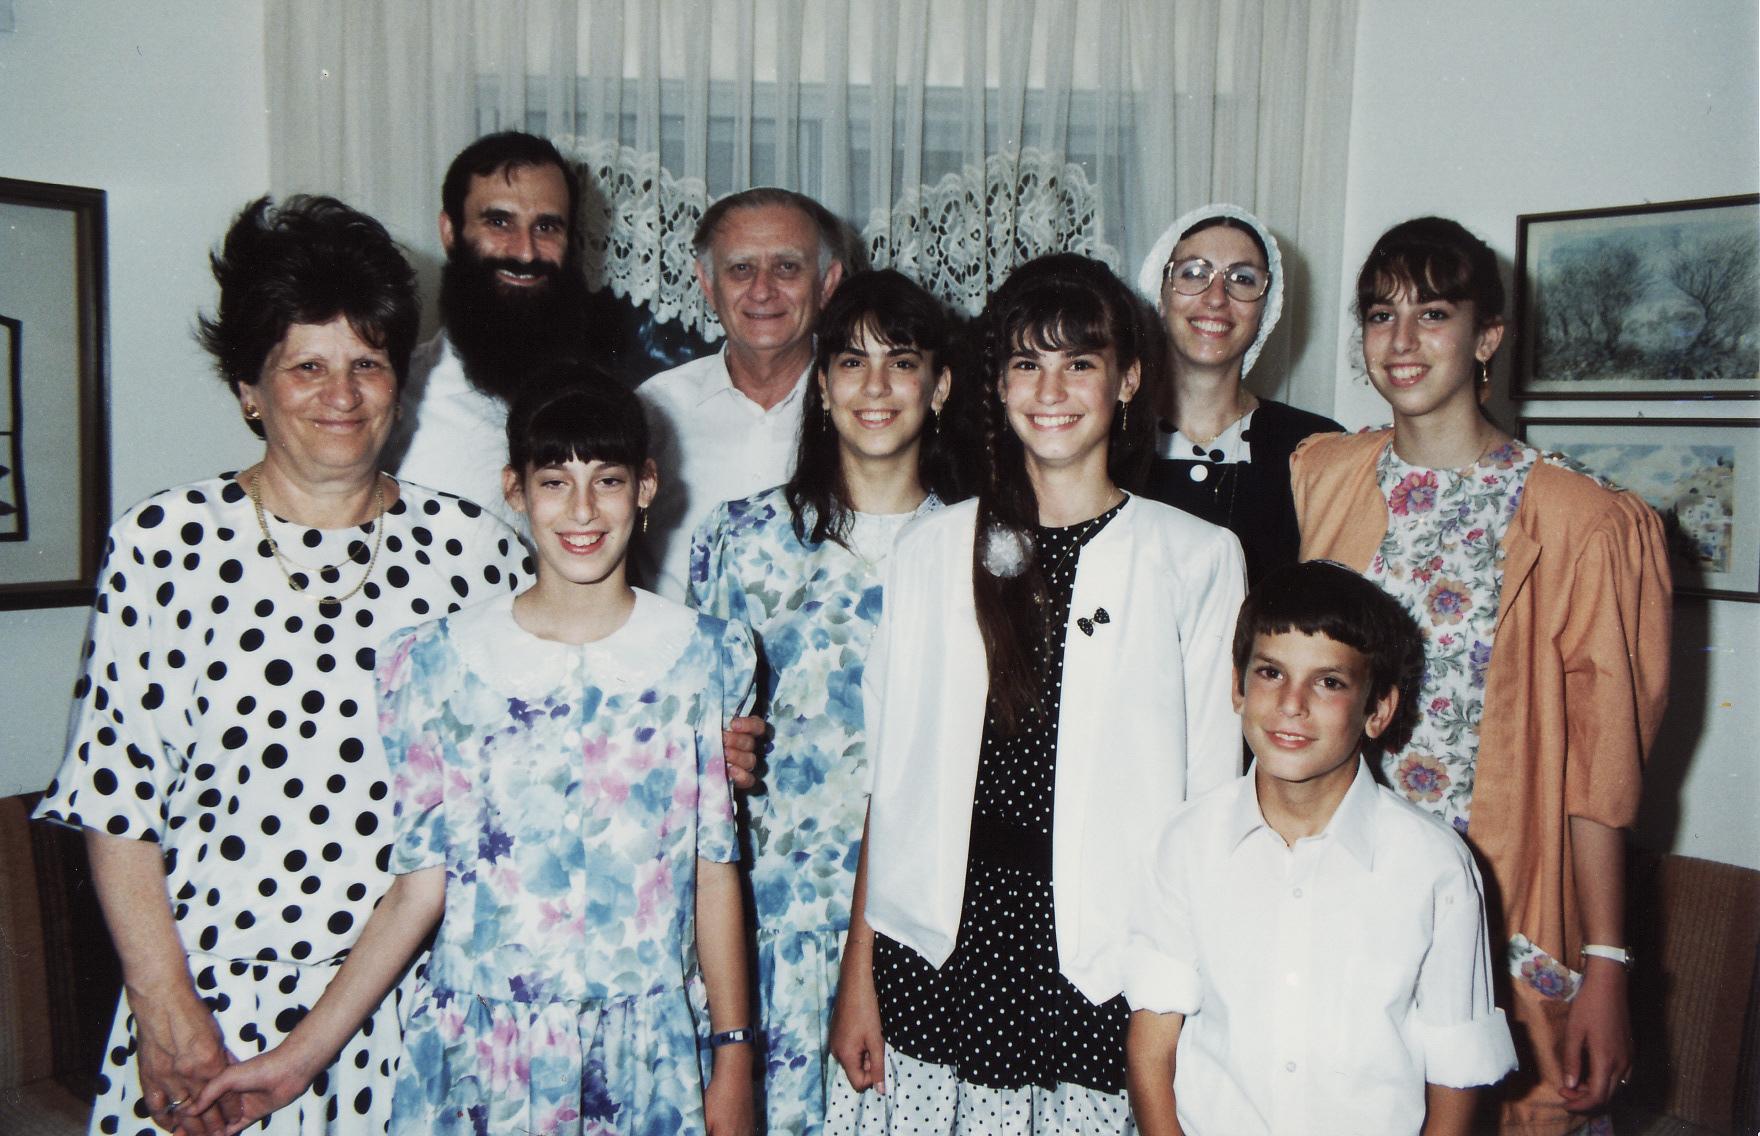 אב תשנא בבת מצווה של יעל עם סבא וסבתא קרויזר